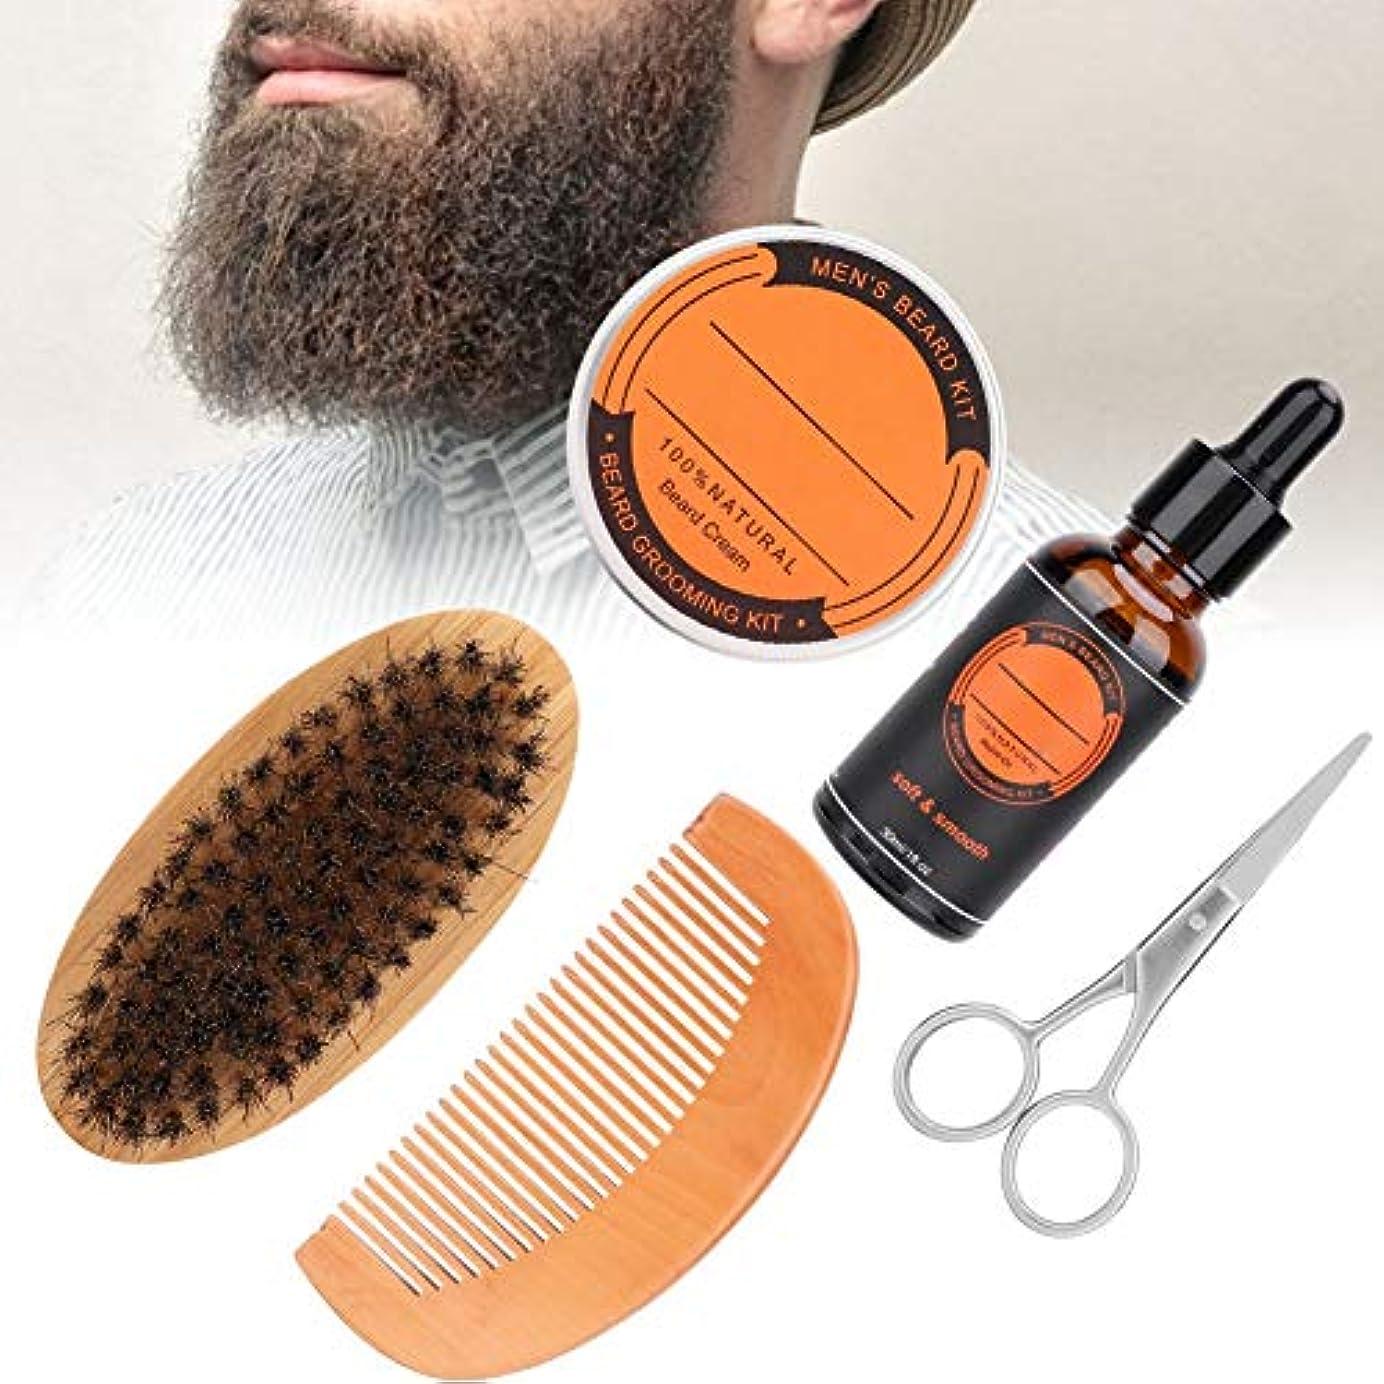 東ティモール浮浪者キャメル6本のひげの心配のセット、ひげの手入れをするキット、人のひげの心配のキット、人のひげの心配のキットとの最終的なひげの心配のキット香油+髭オイル+櫛+ブラシ+はさみ